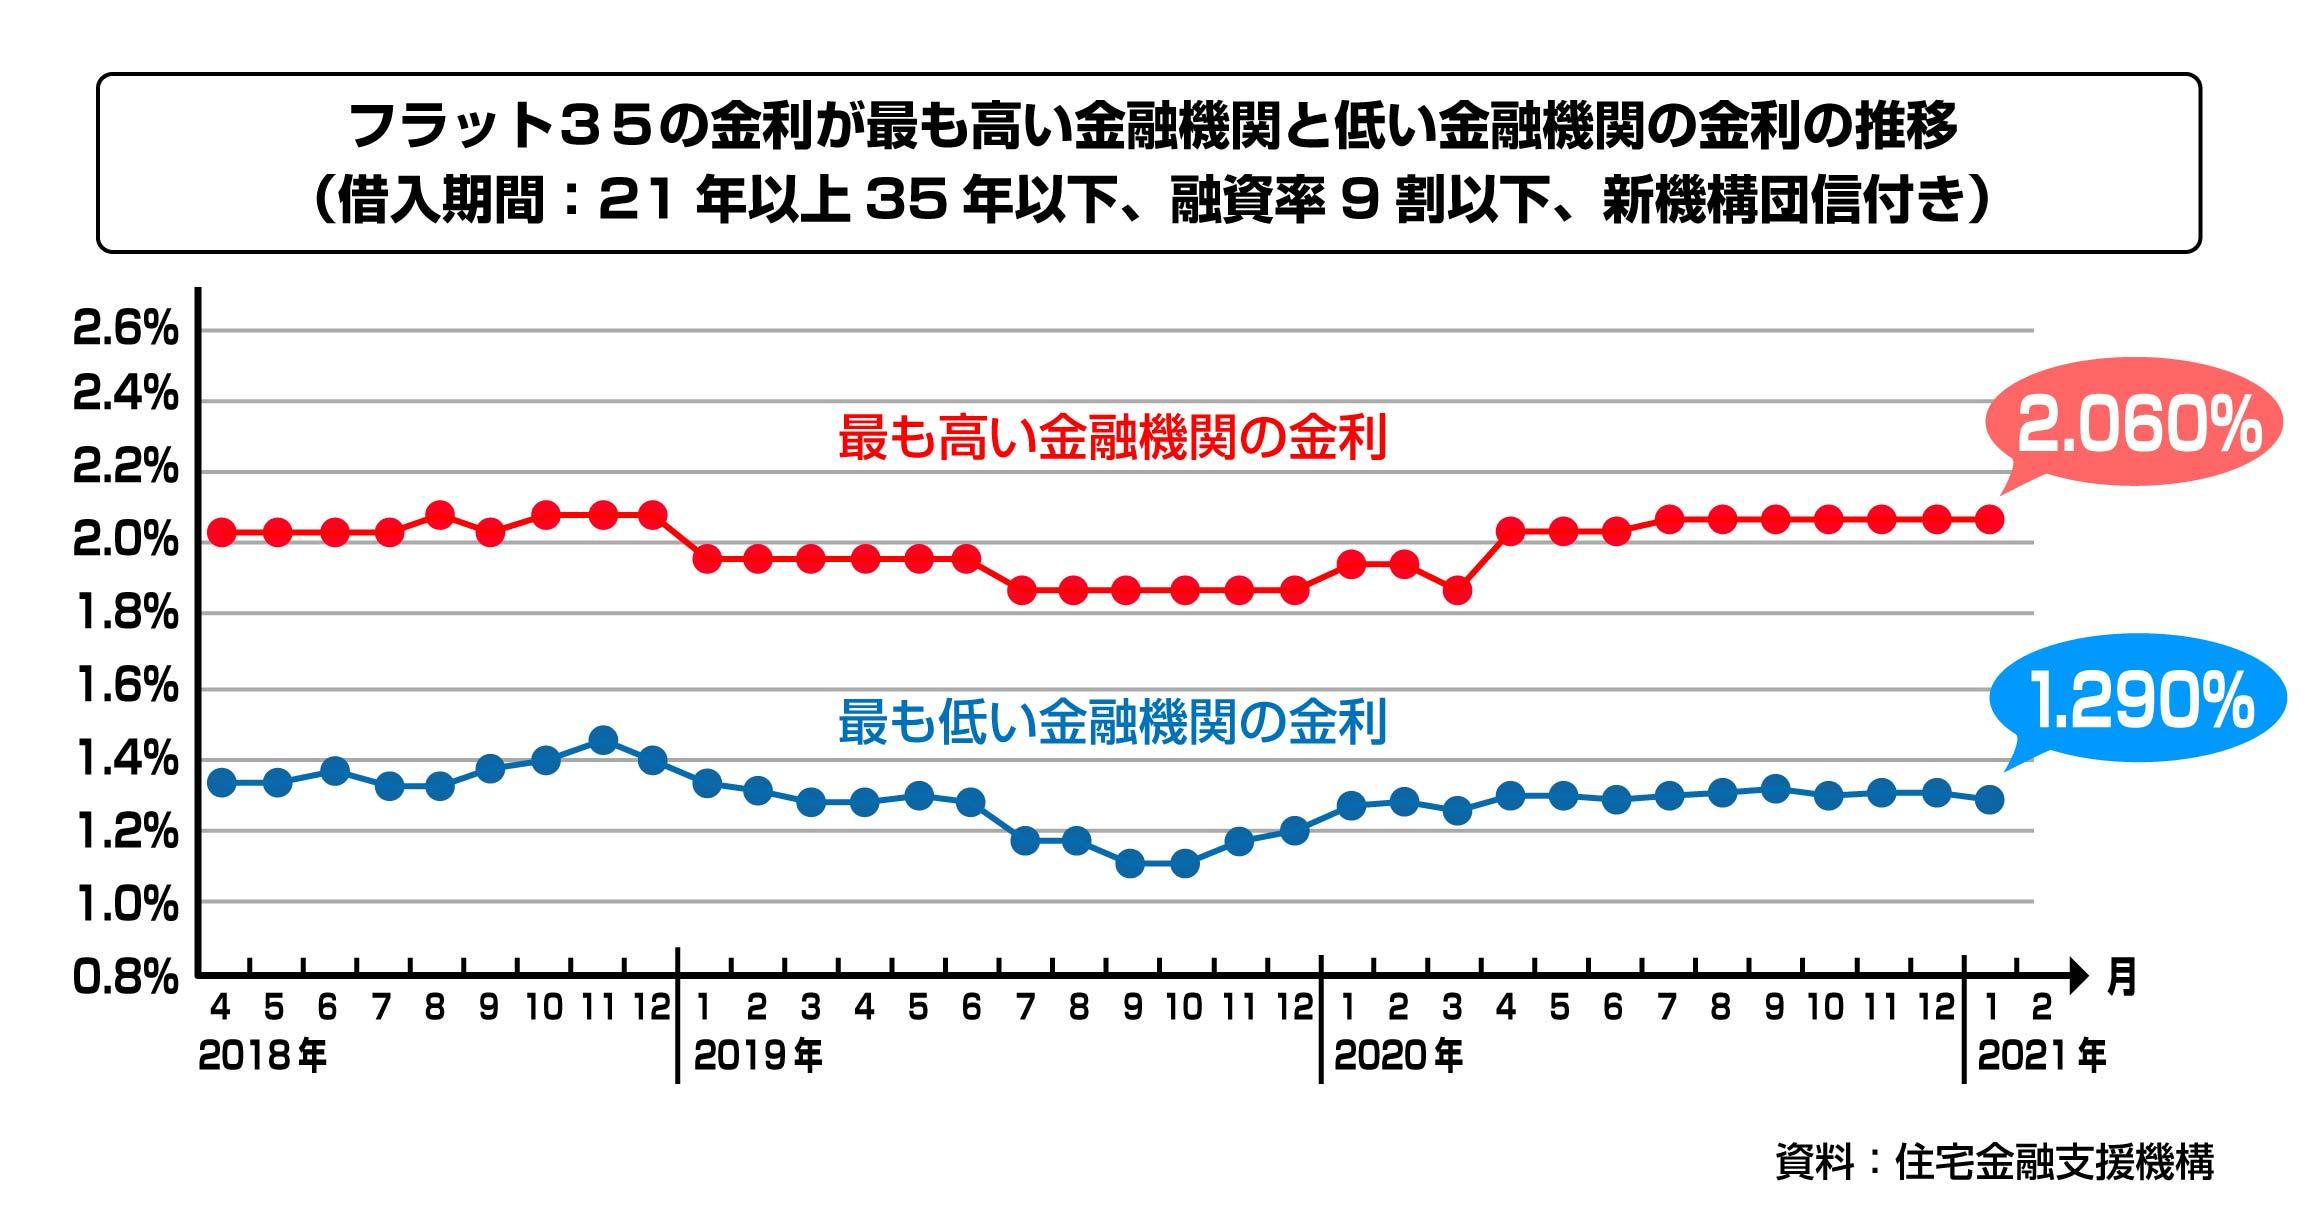 フラット35金利推移グラフ(21年以上)